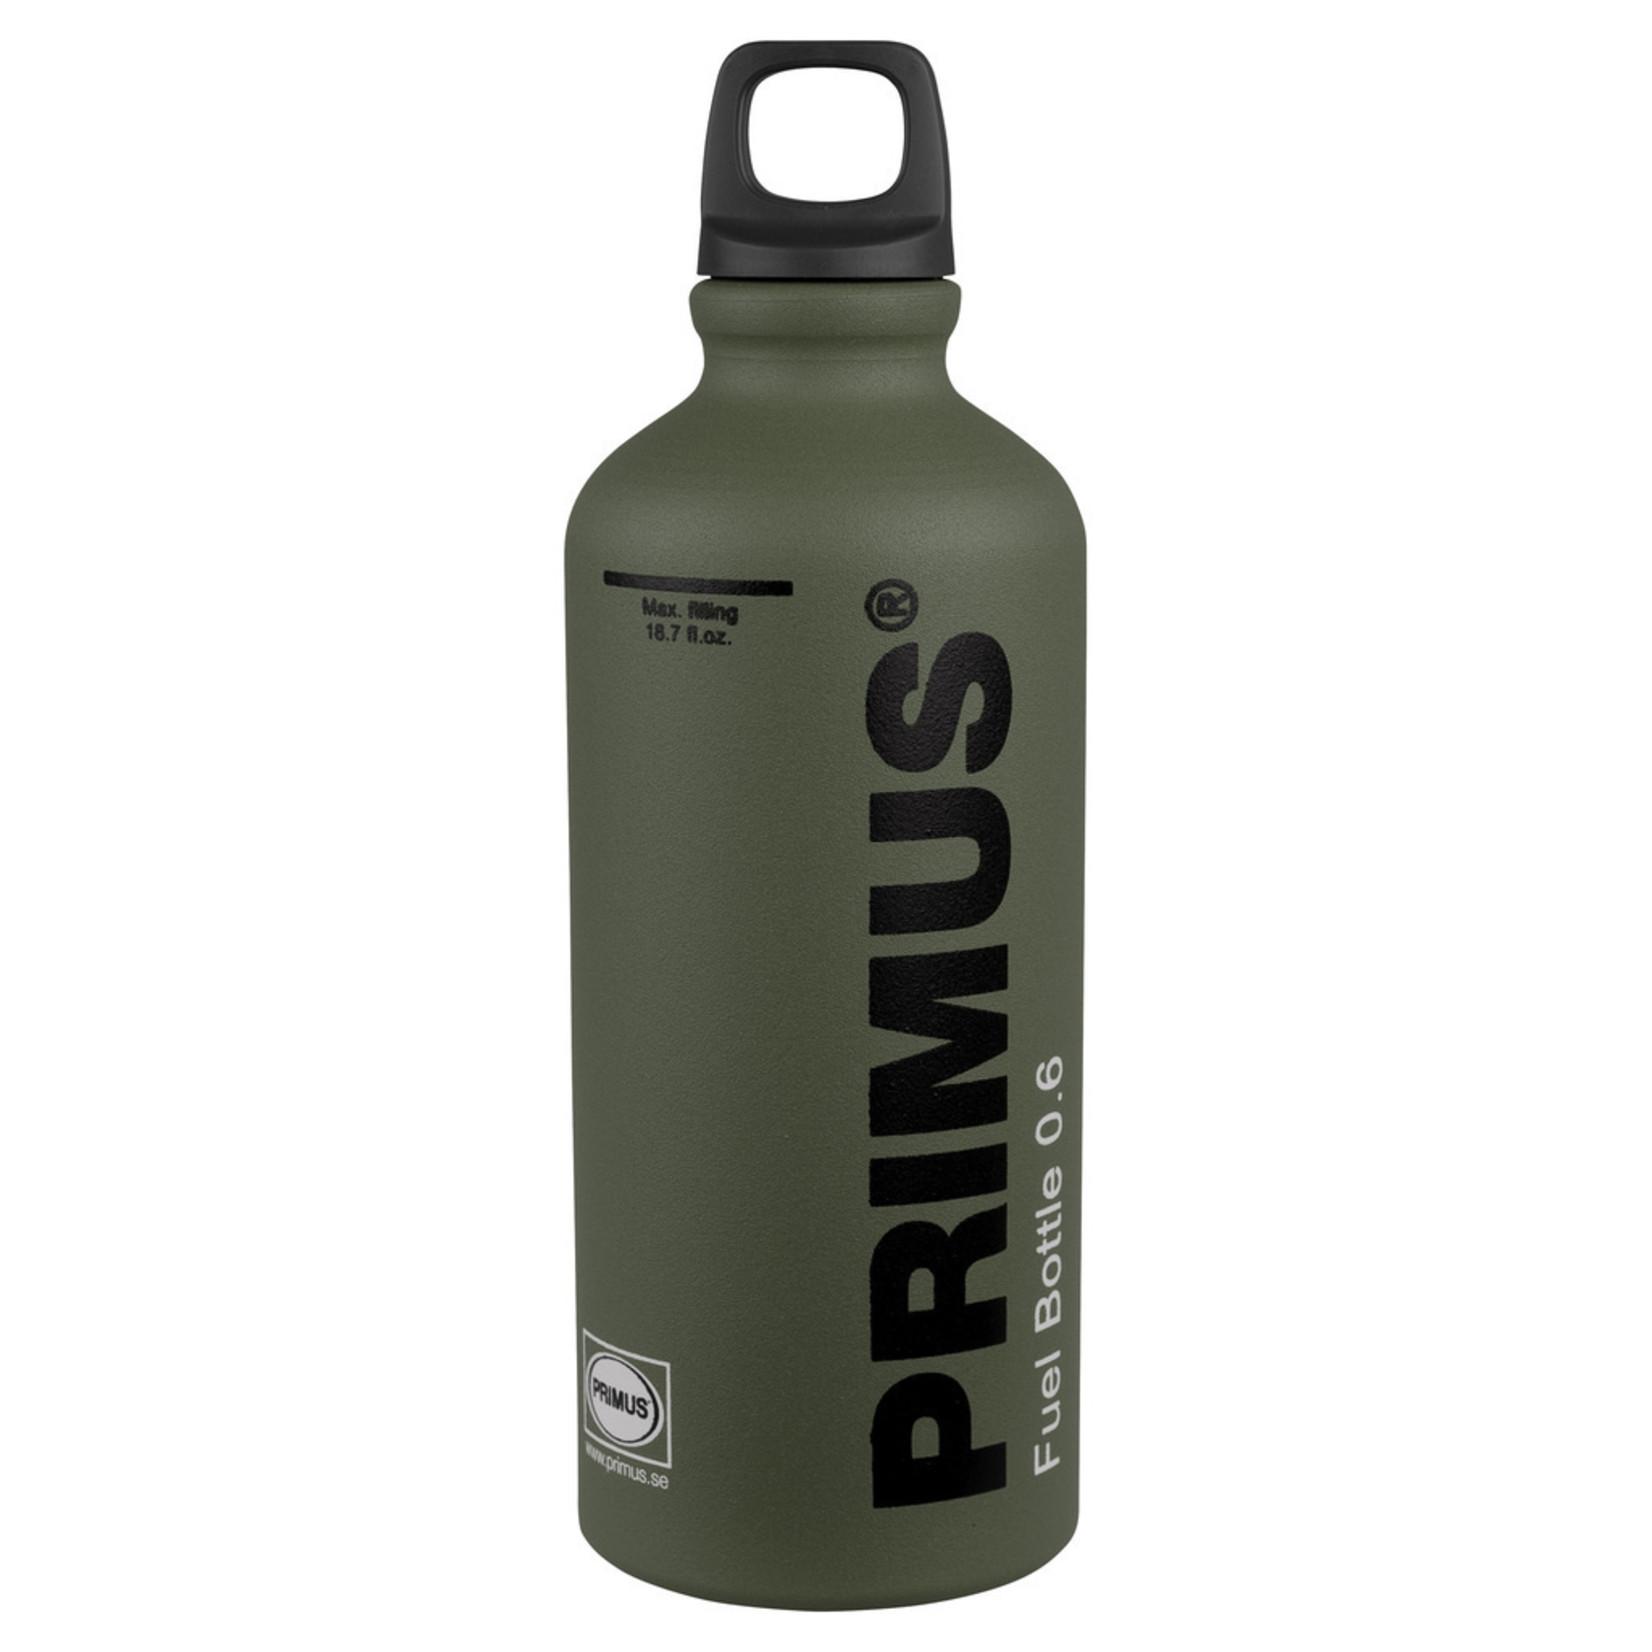 Primus Primus brandstoffles 0,6 liter forest green, licht